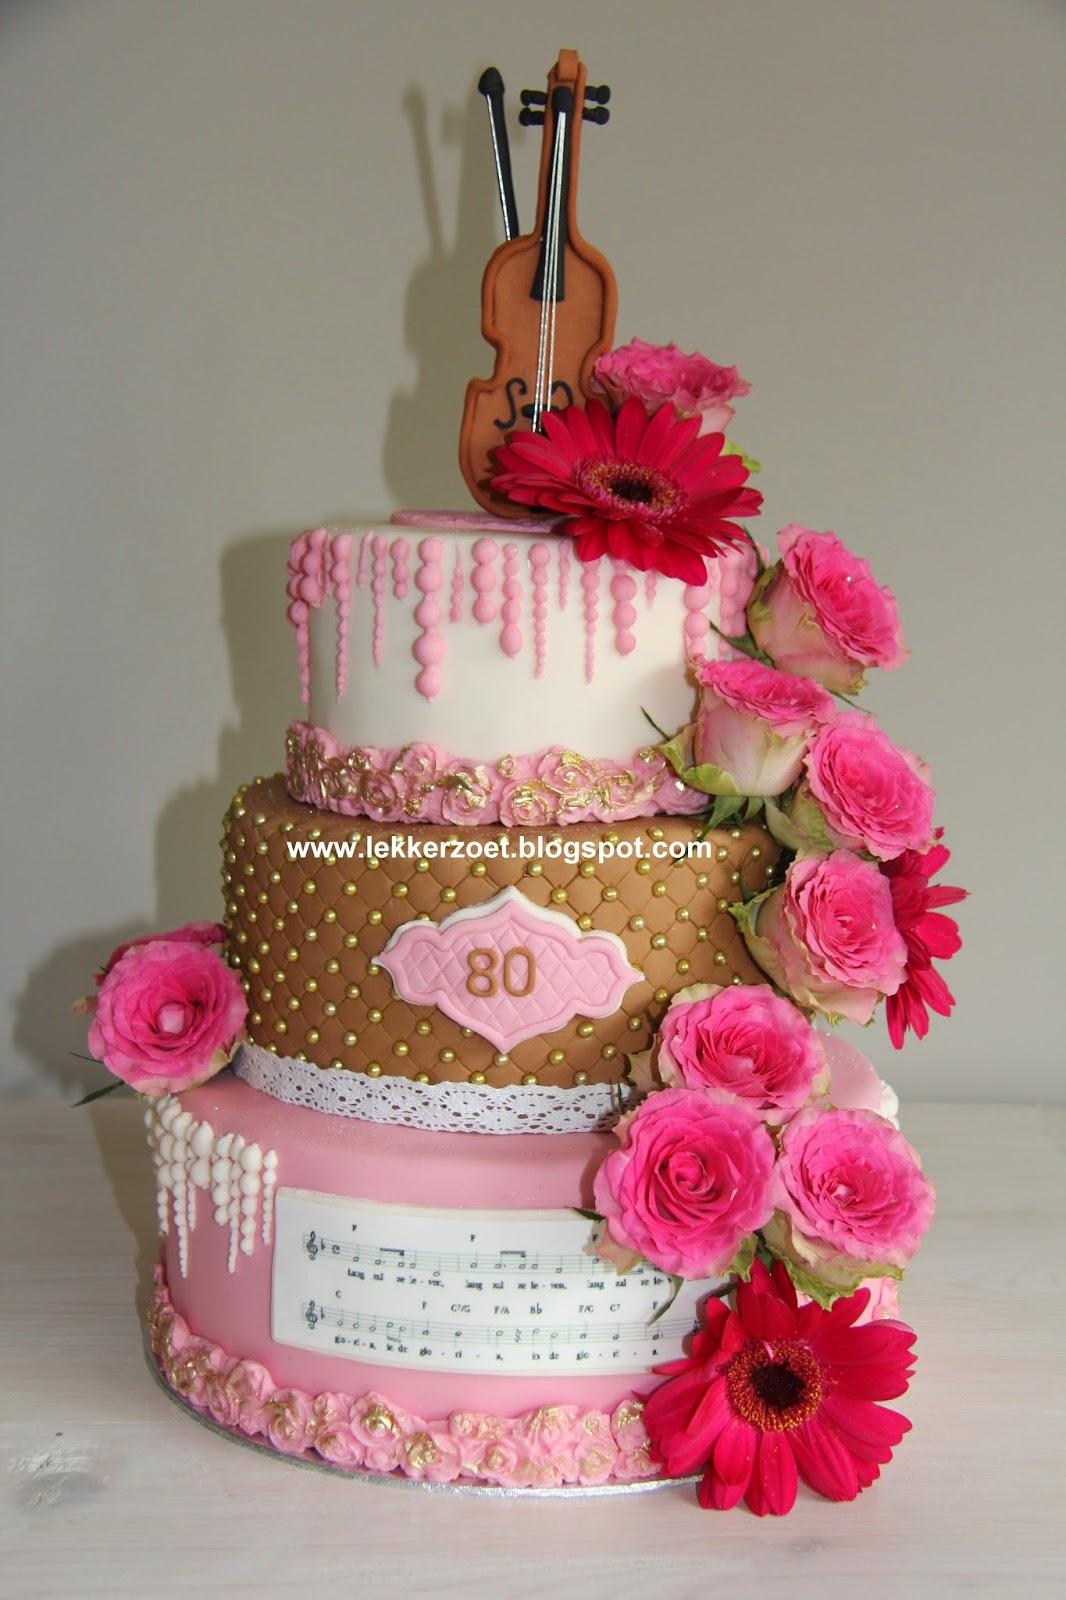 taart 80 lekker zoet: 80 jaarviool met bladmuziek taart 80